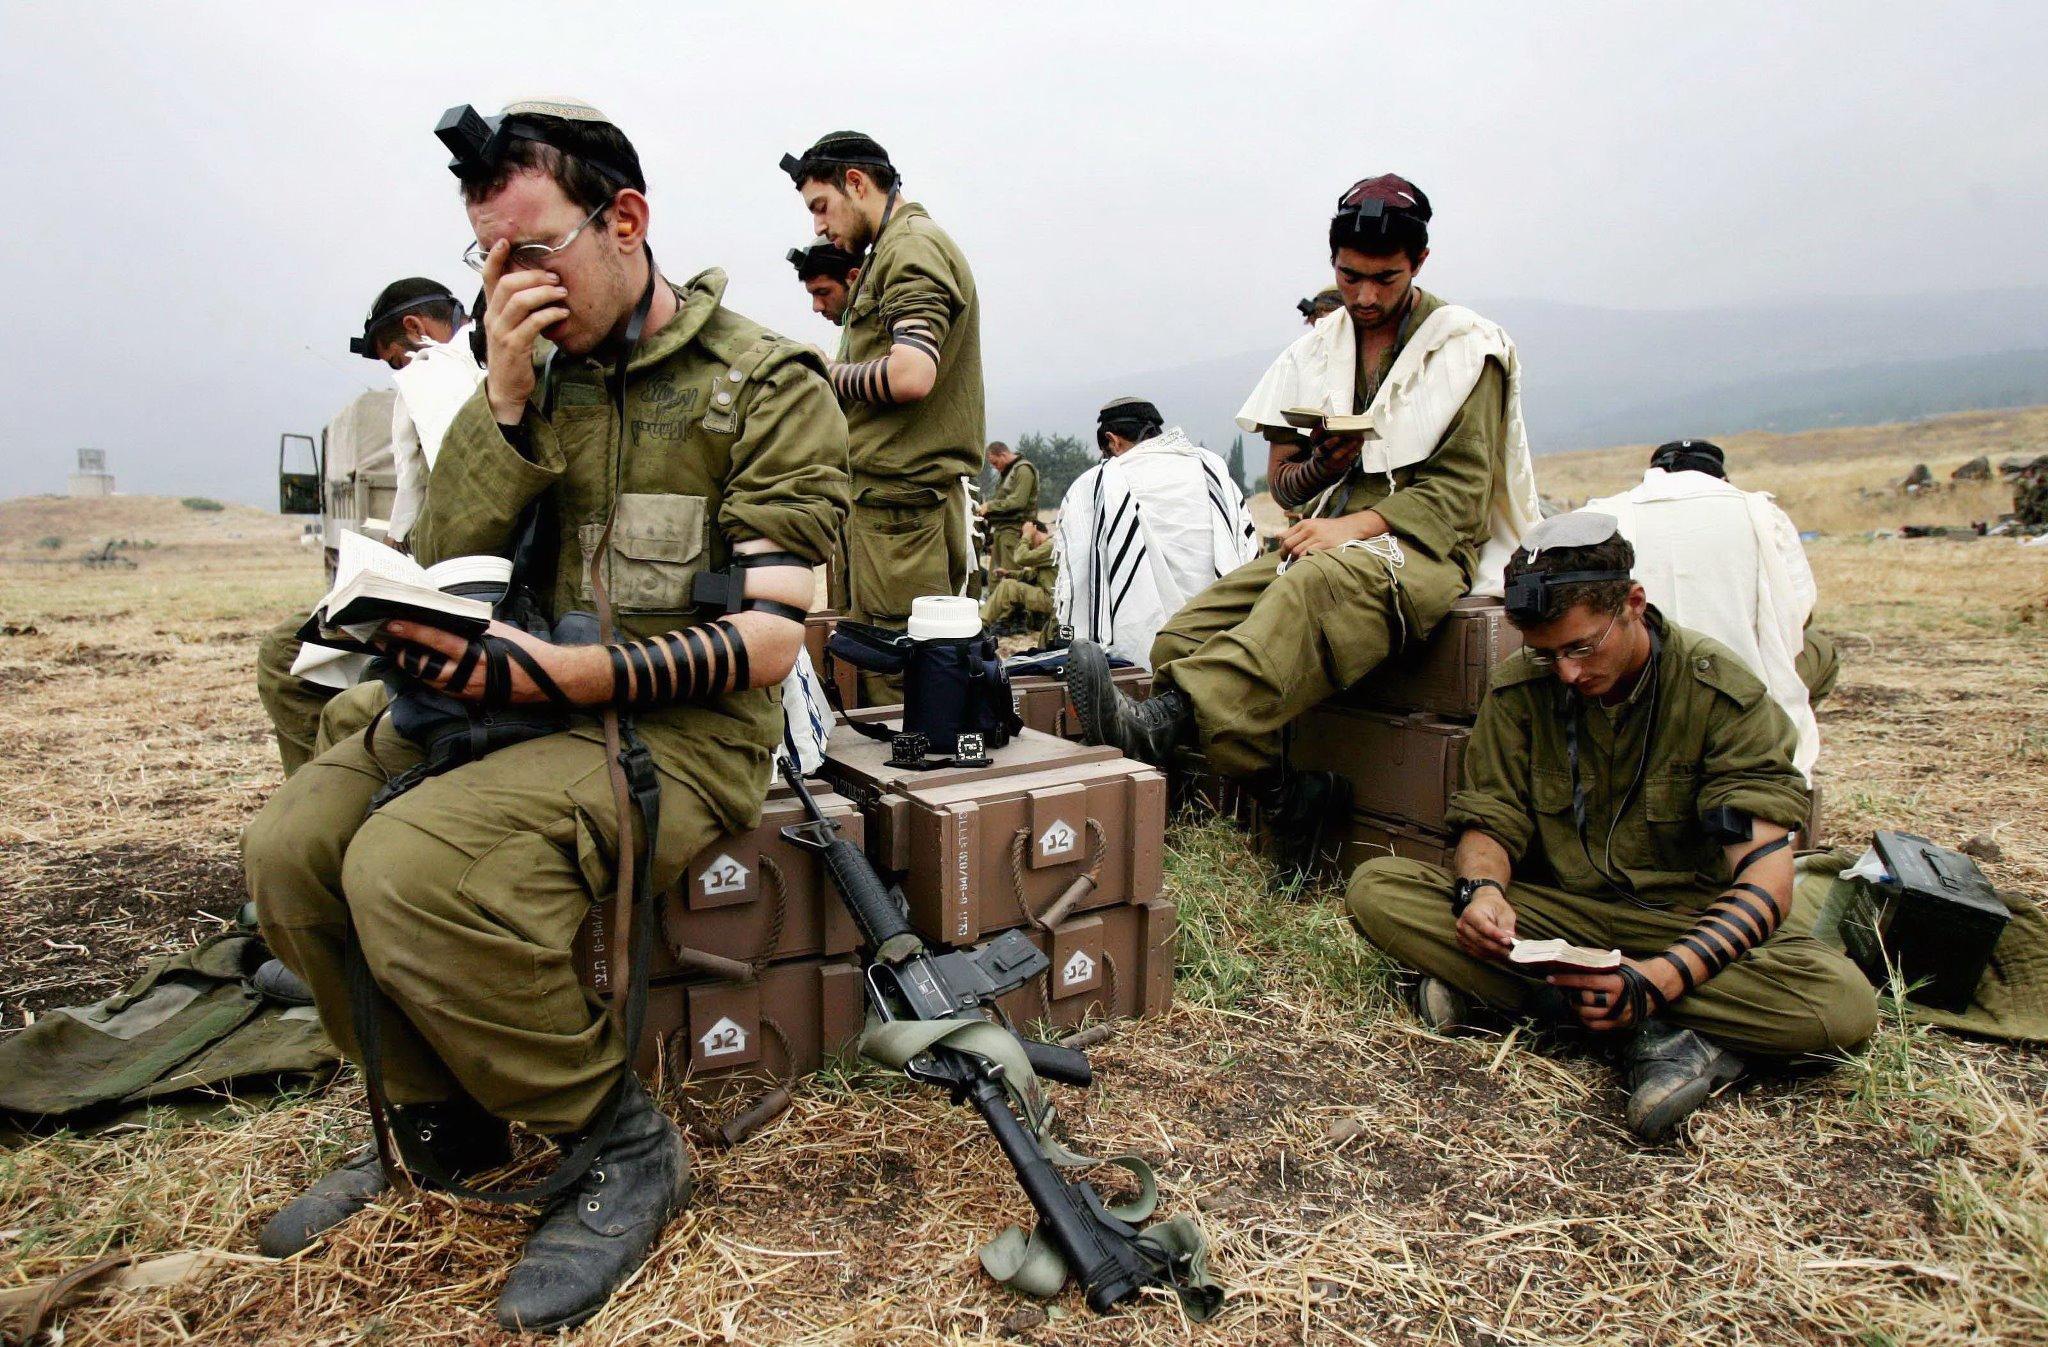 التوجهات الدينية المحرّكة لجيش الاحتلال الإسرائيلي